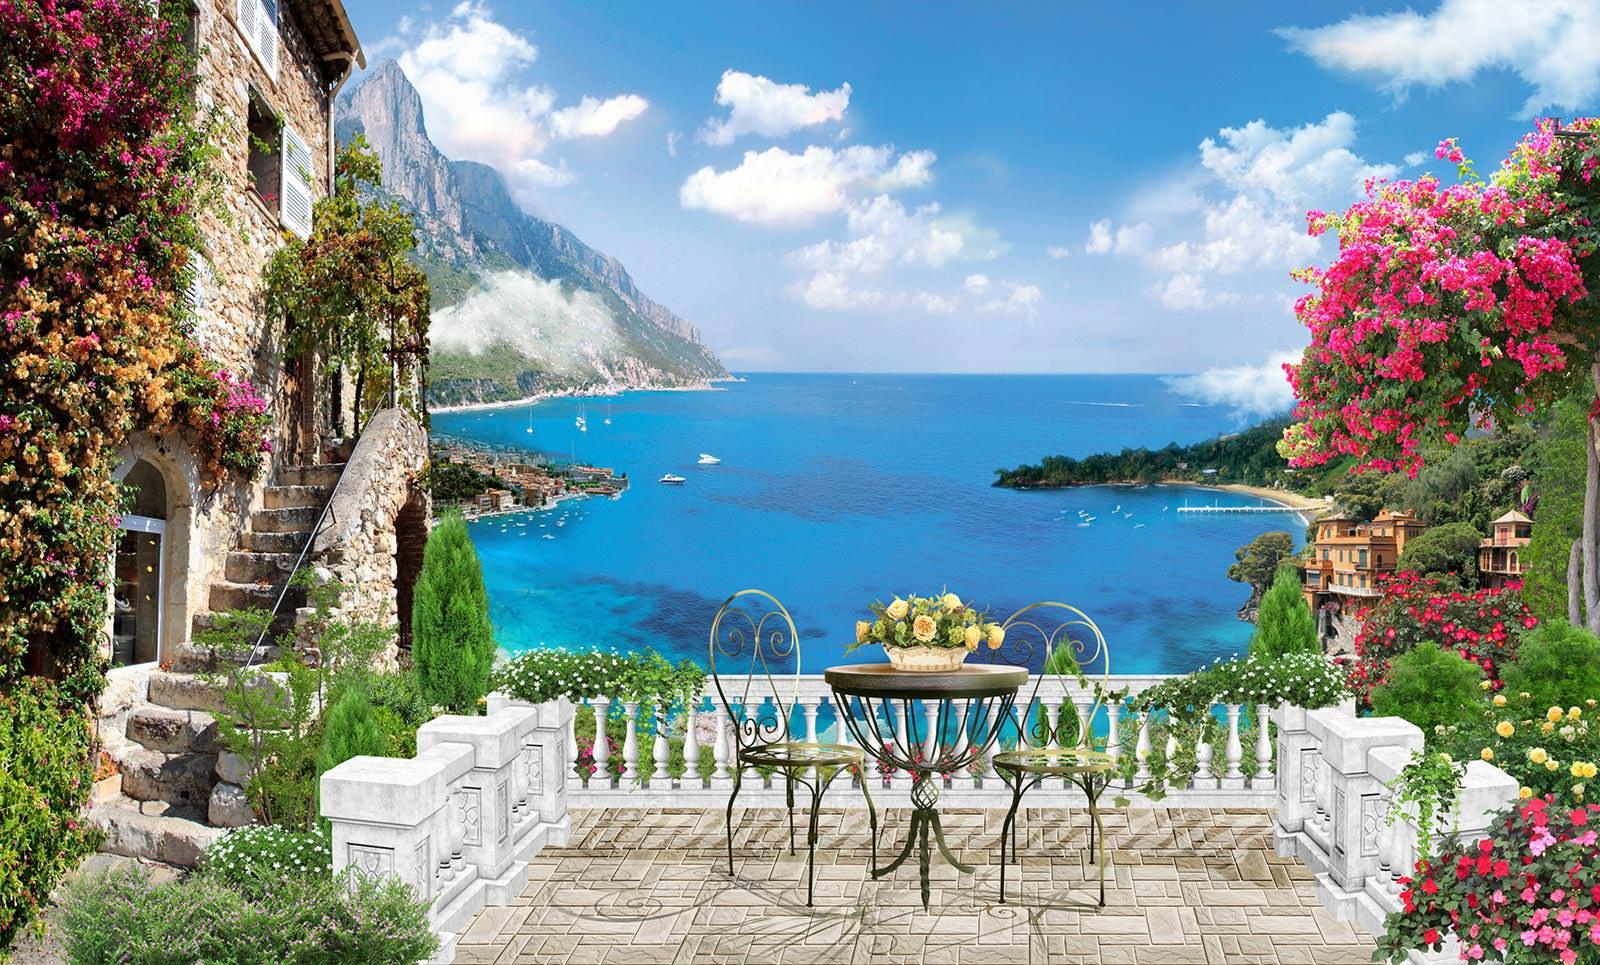 Вид с балкона на море - фотообои по вашим размерам на стену .